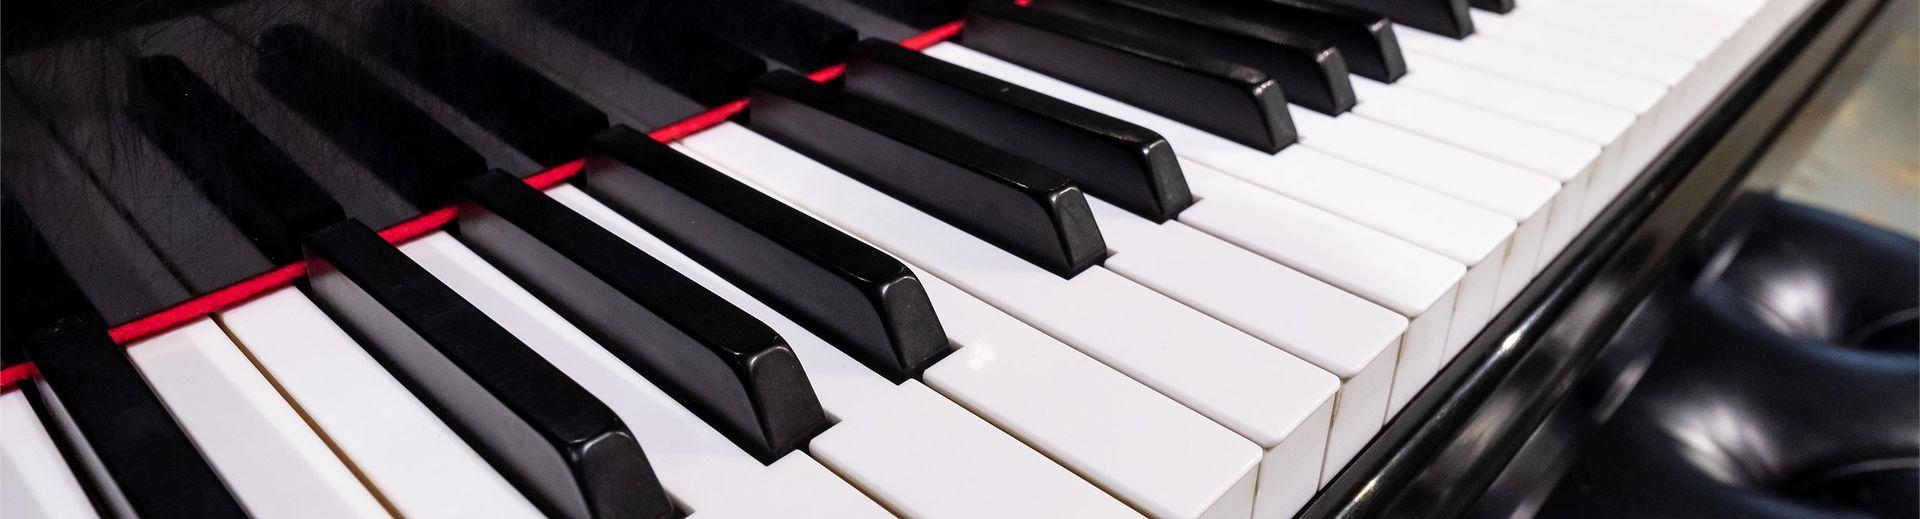 Keys on a piano.